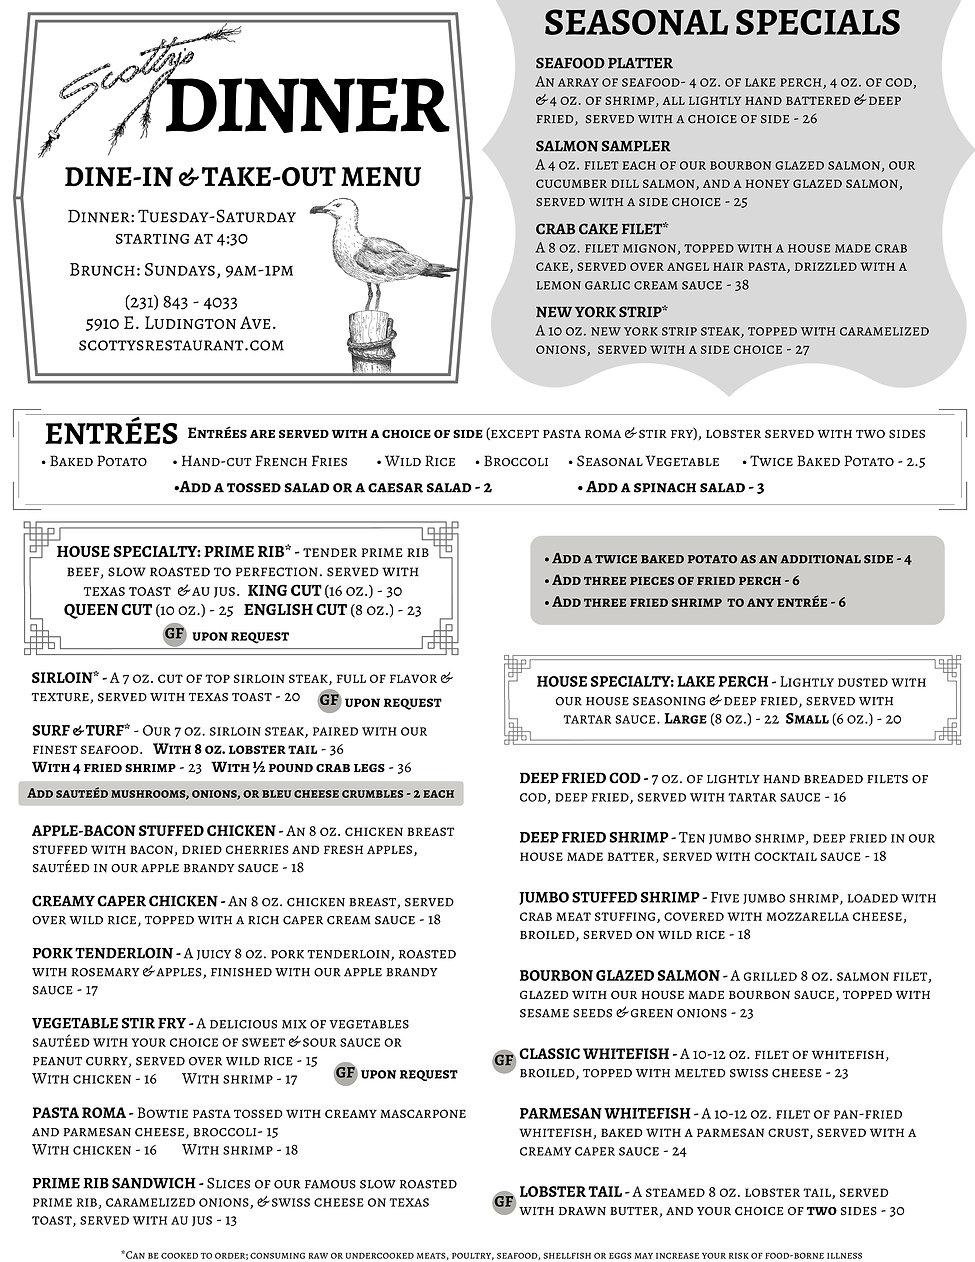 UPDATED DINNER 2021 SUMMER.jpg